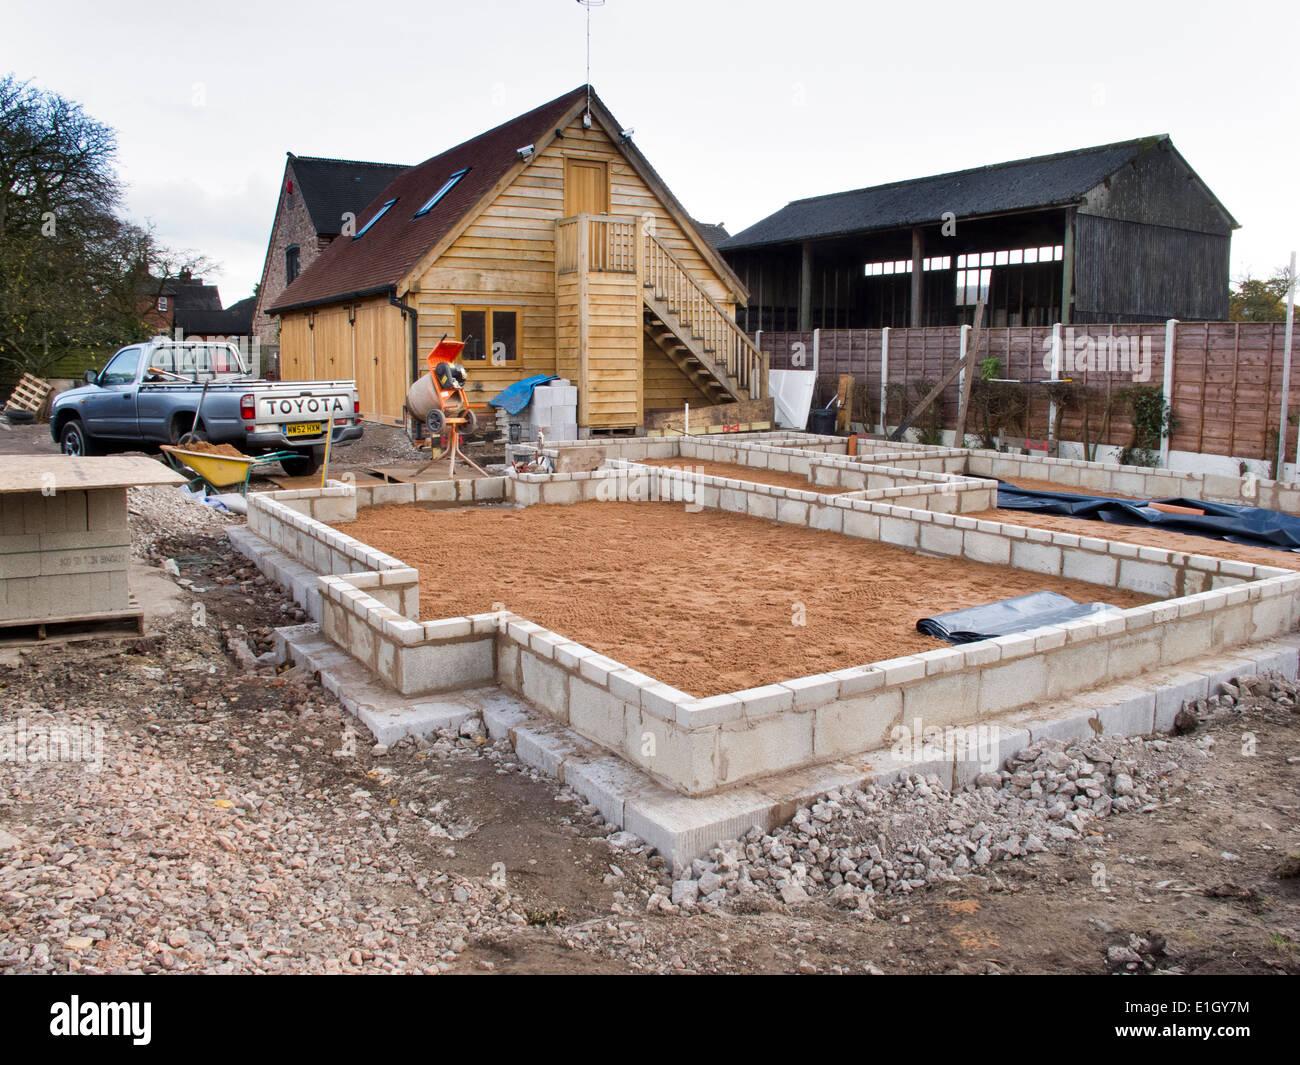 l bâtiment maison, chape de sable compacté sur base de plancher, en